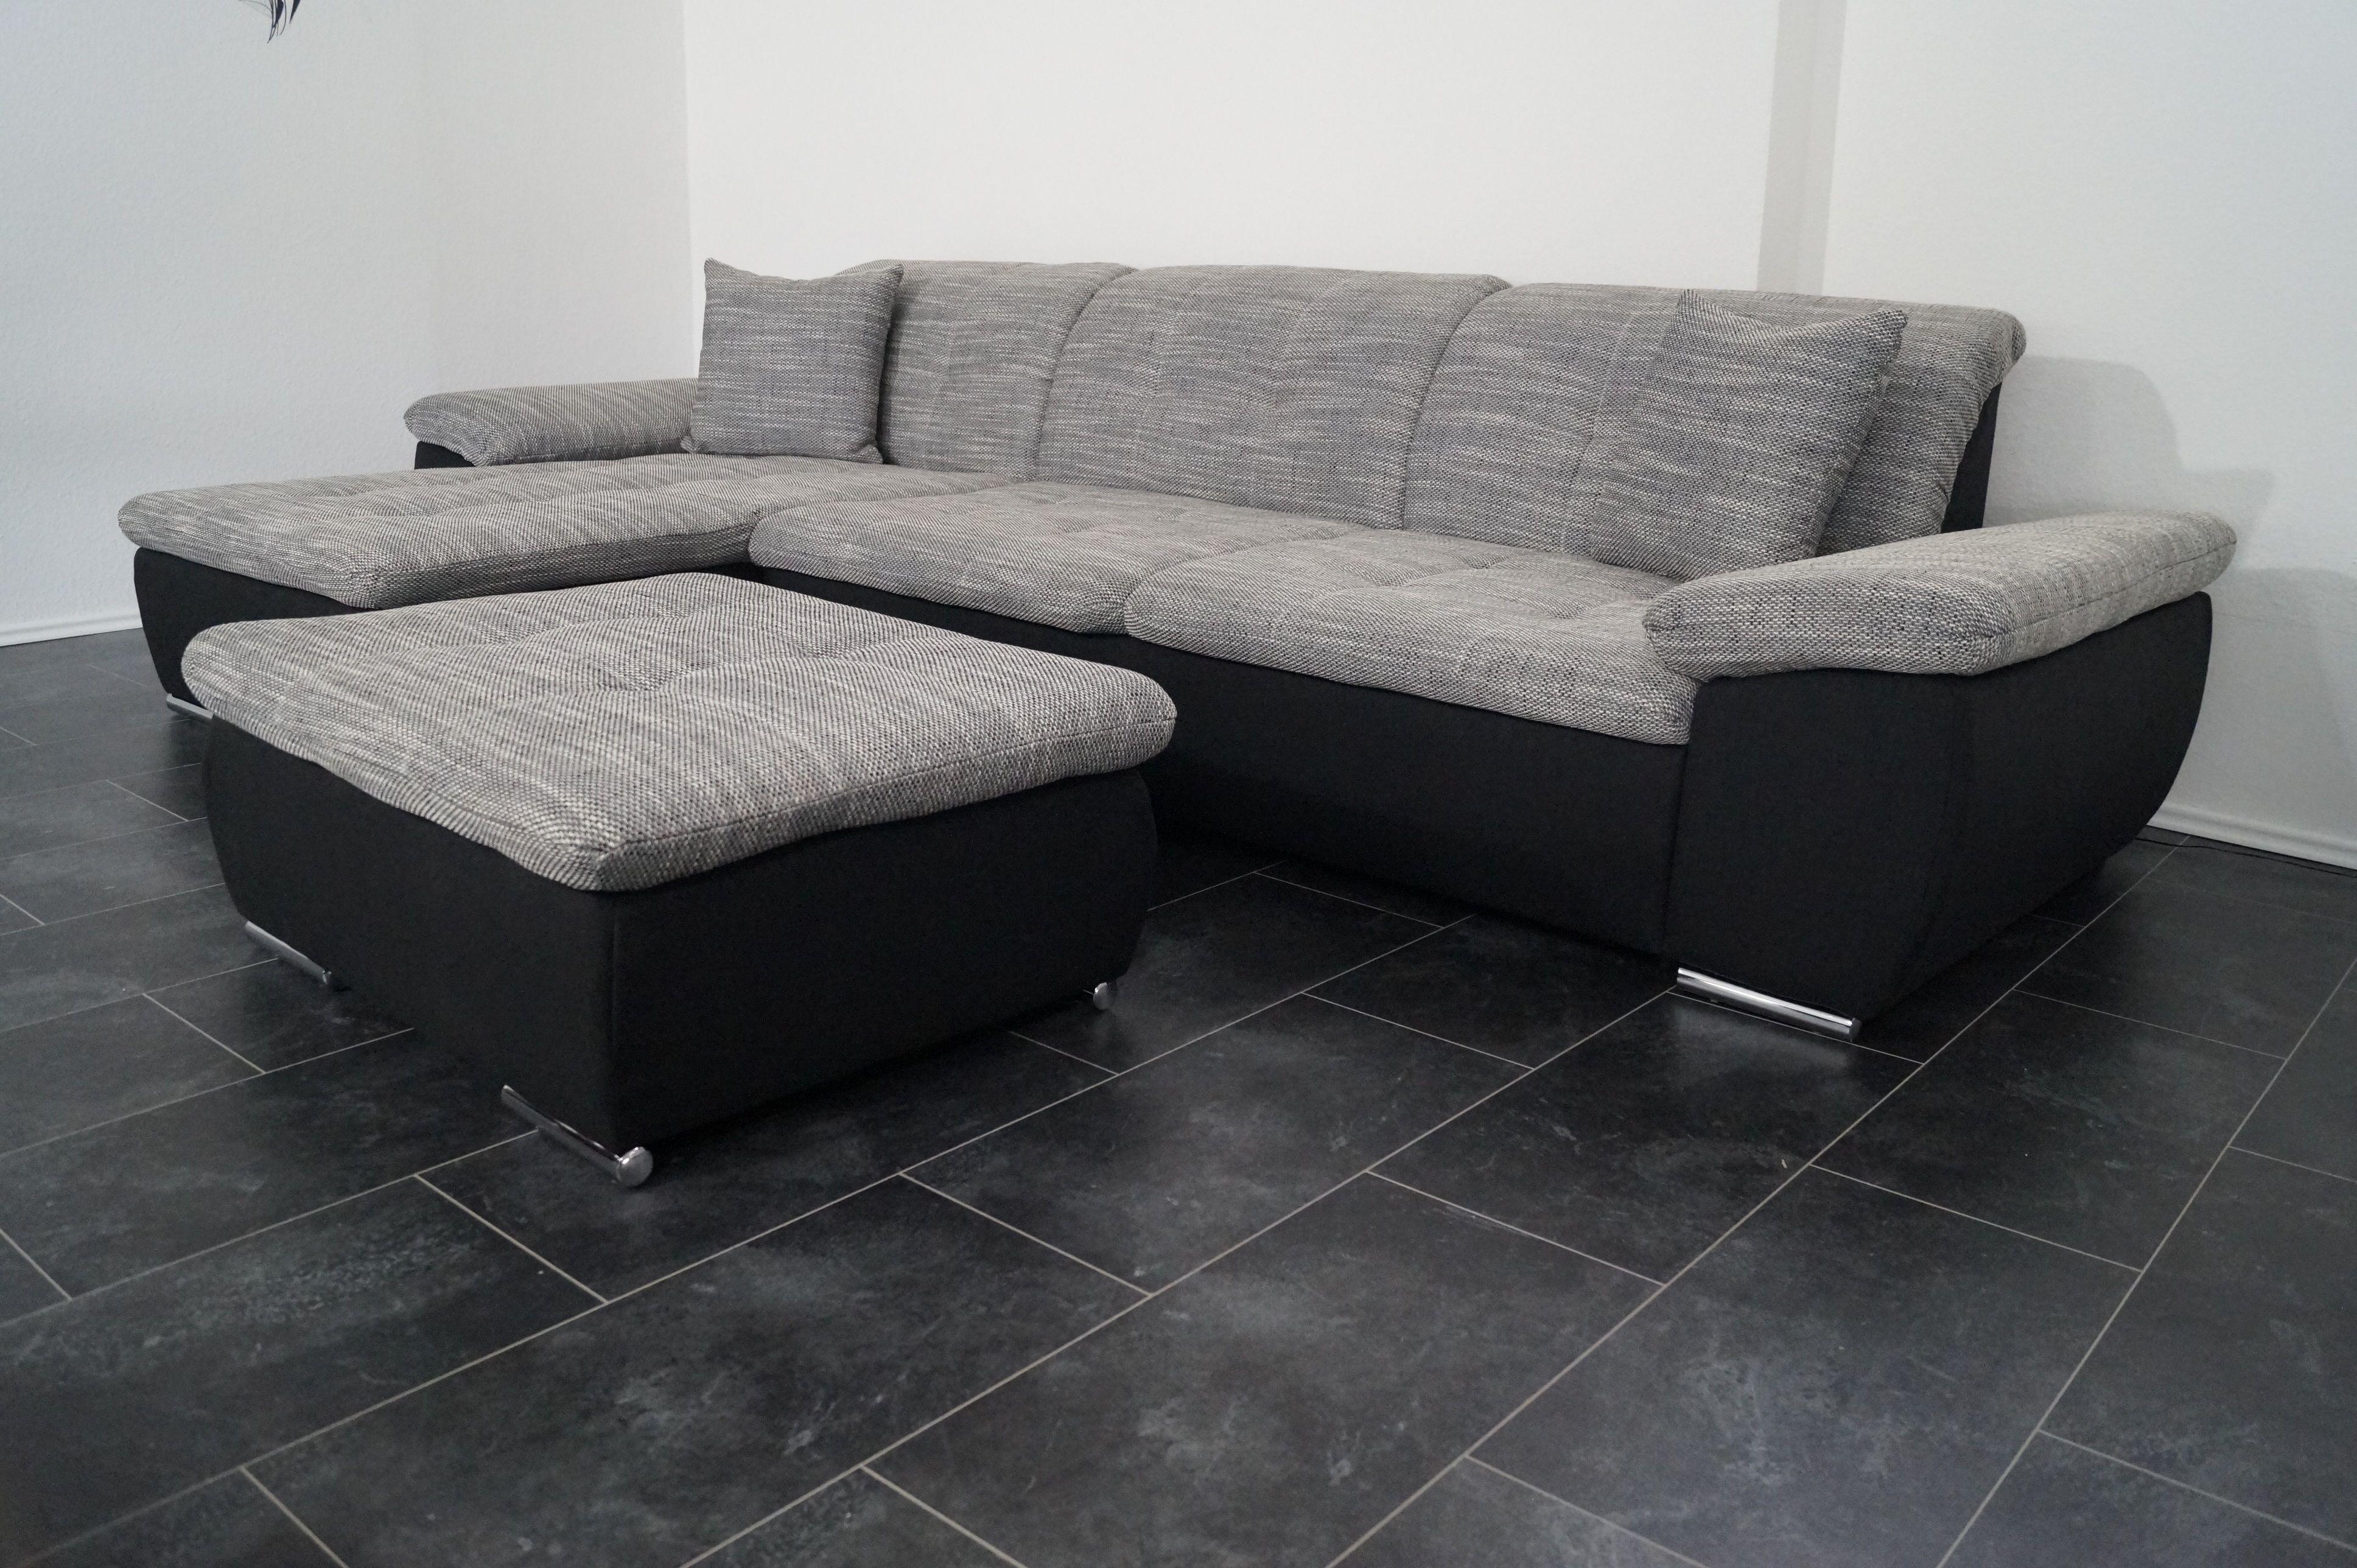 Möbel Montabaur sofa günstig kaufen de möbel sofort auf lager sofa